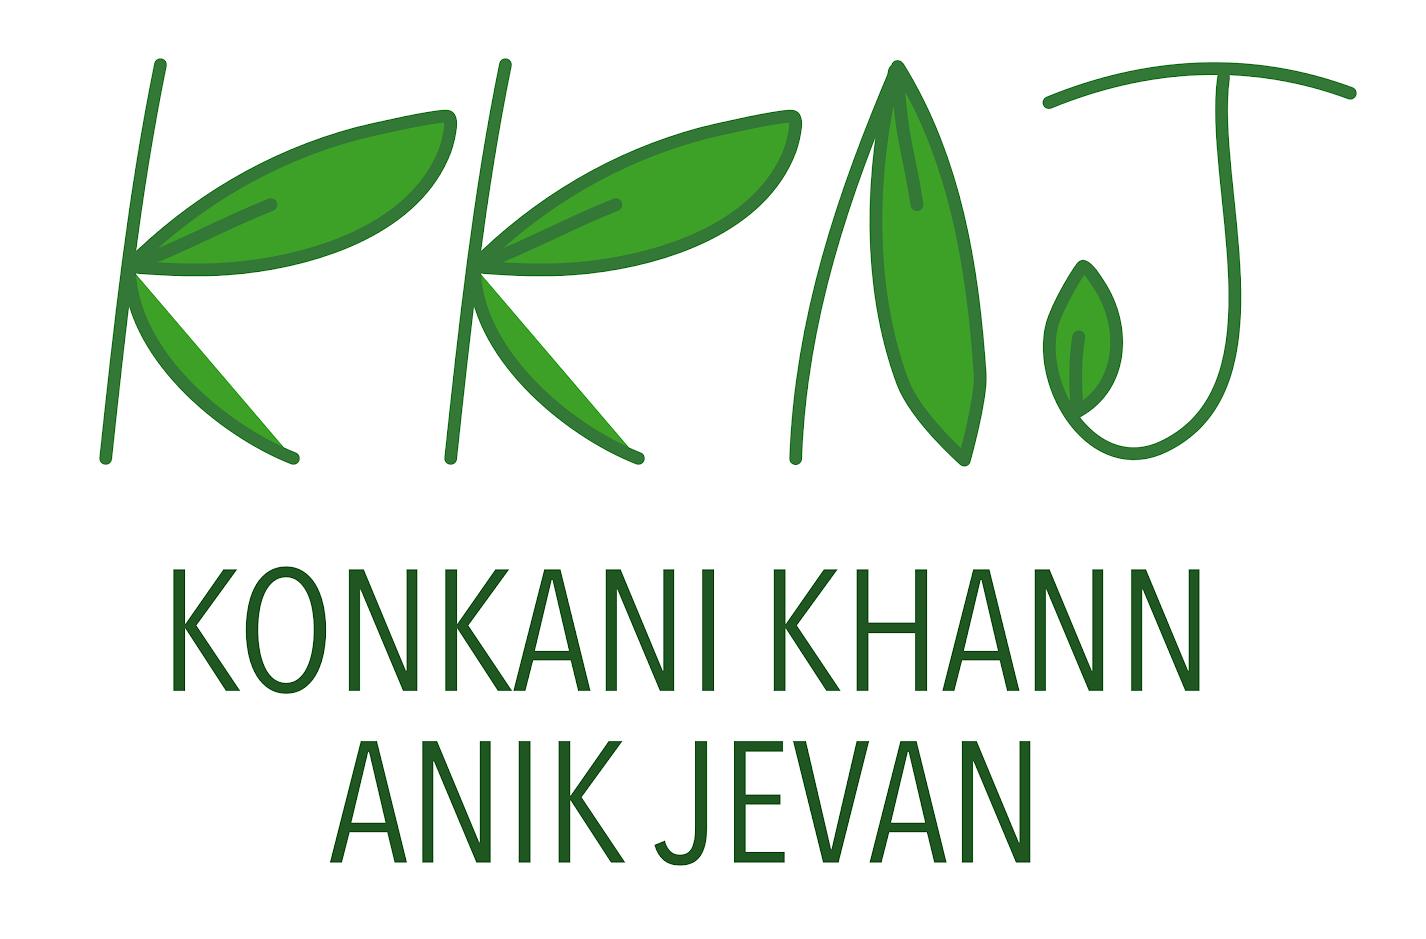 Konkani Khann Anik Jevan